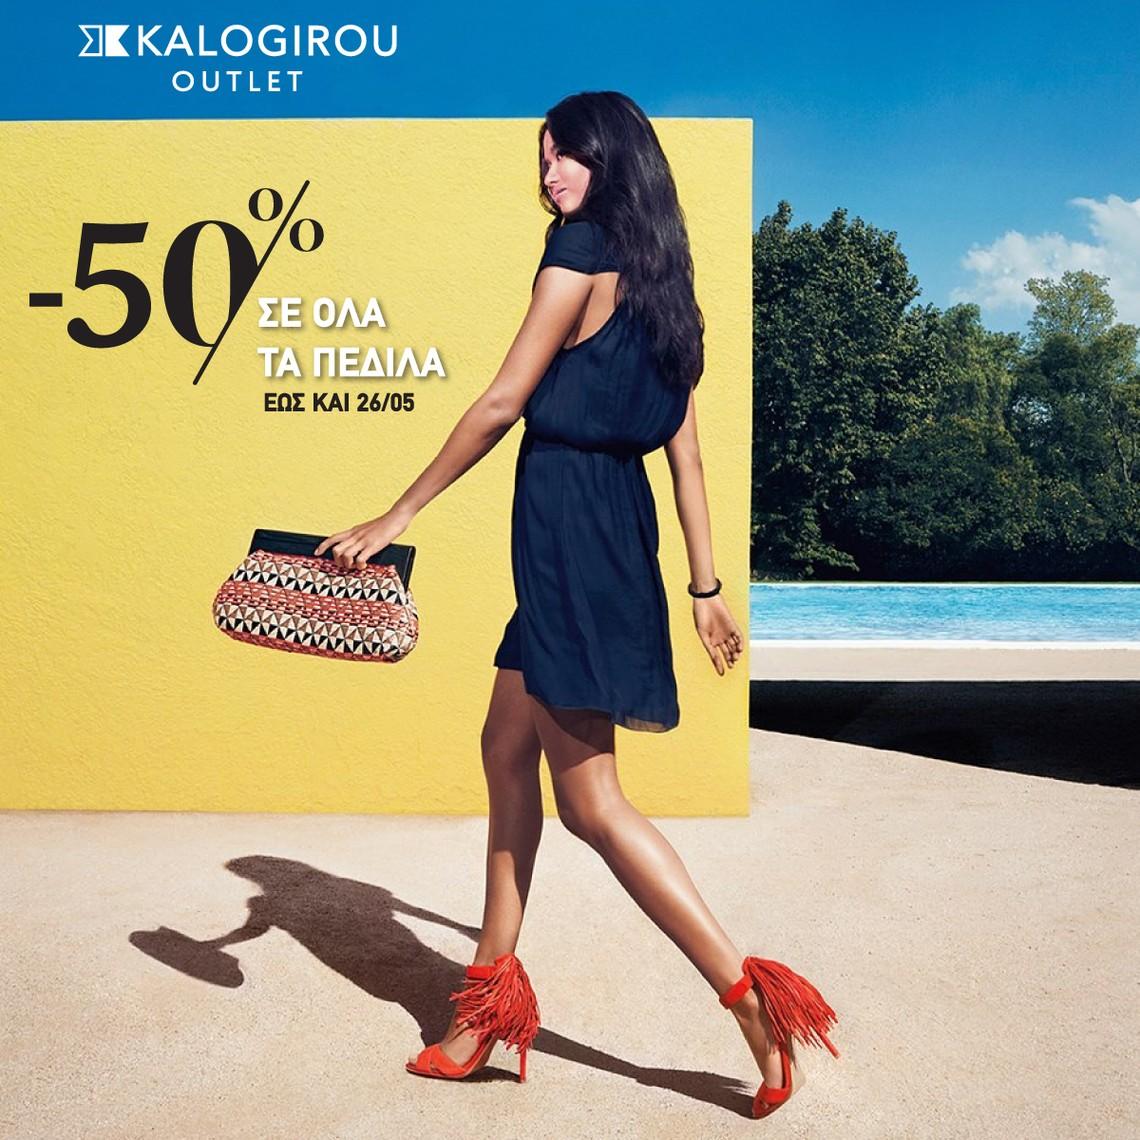 -50% σε όλα τα πέδιλα @Kalogirou Outlet